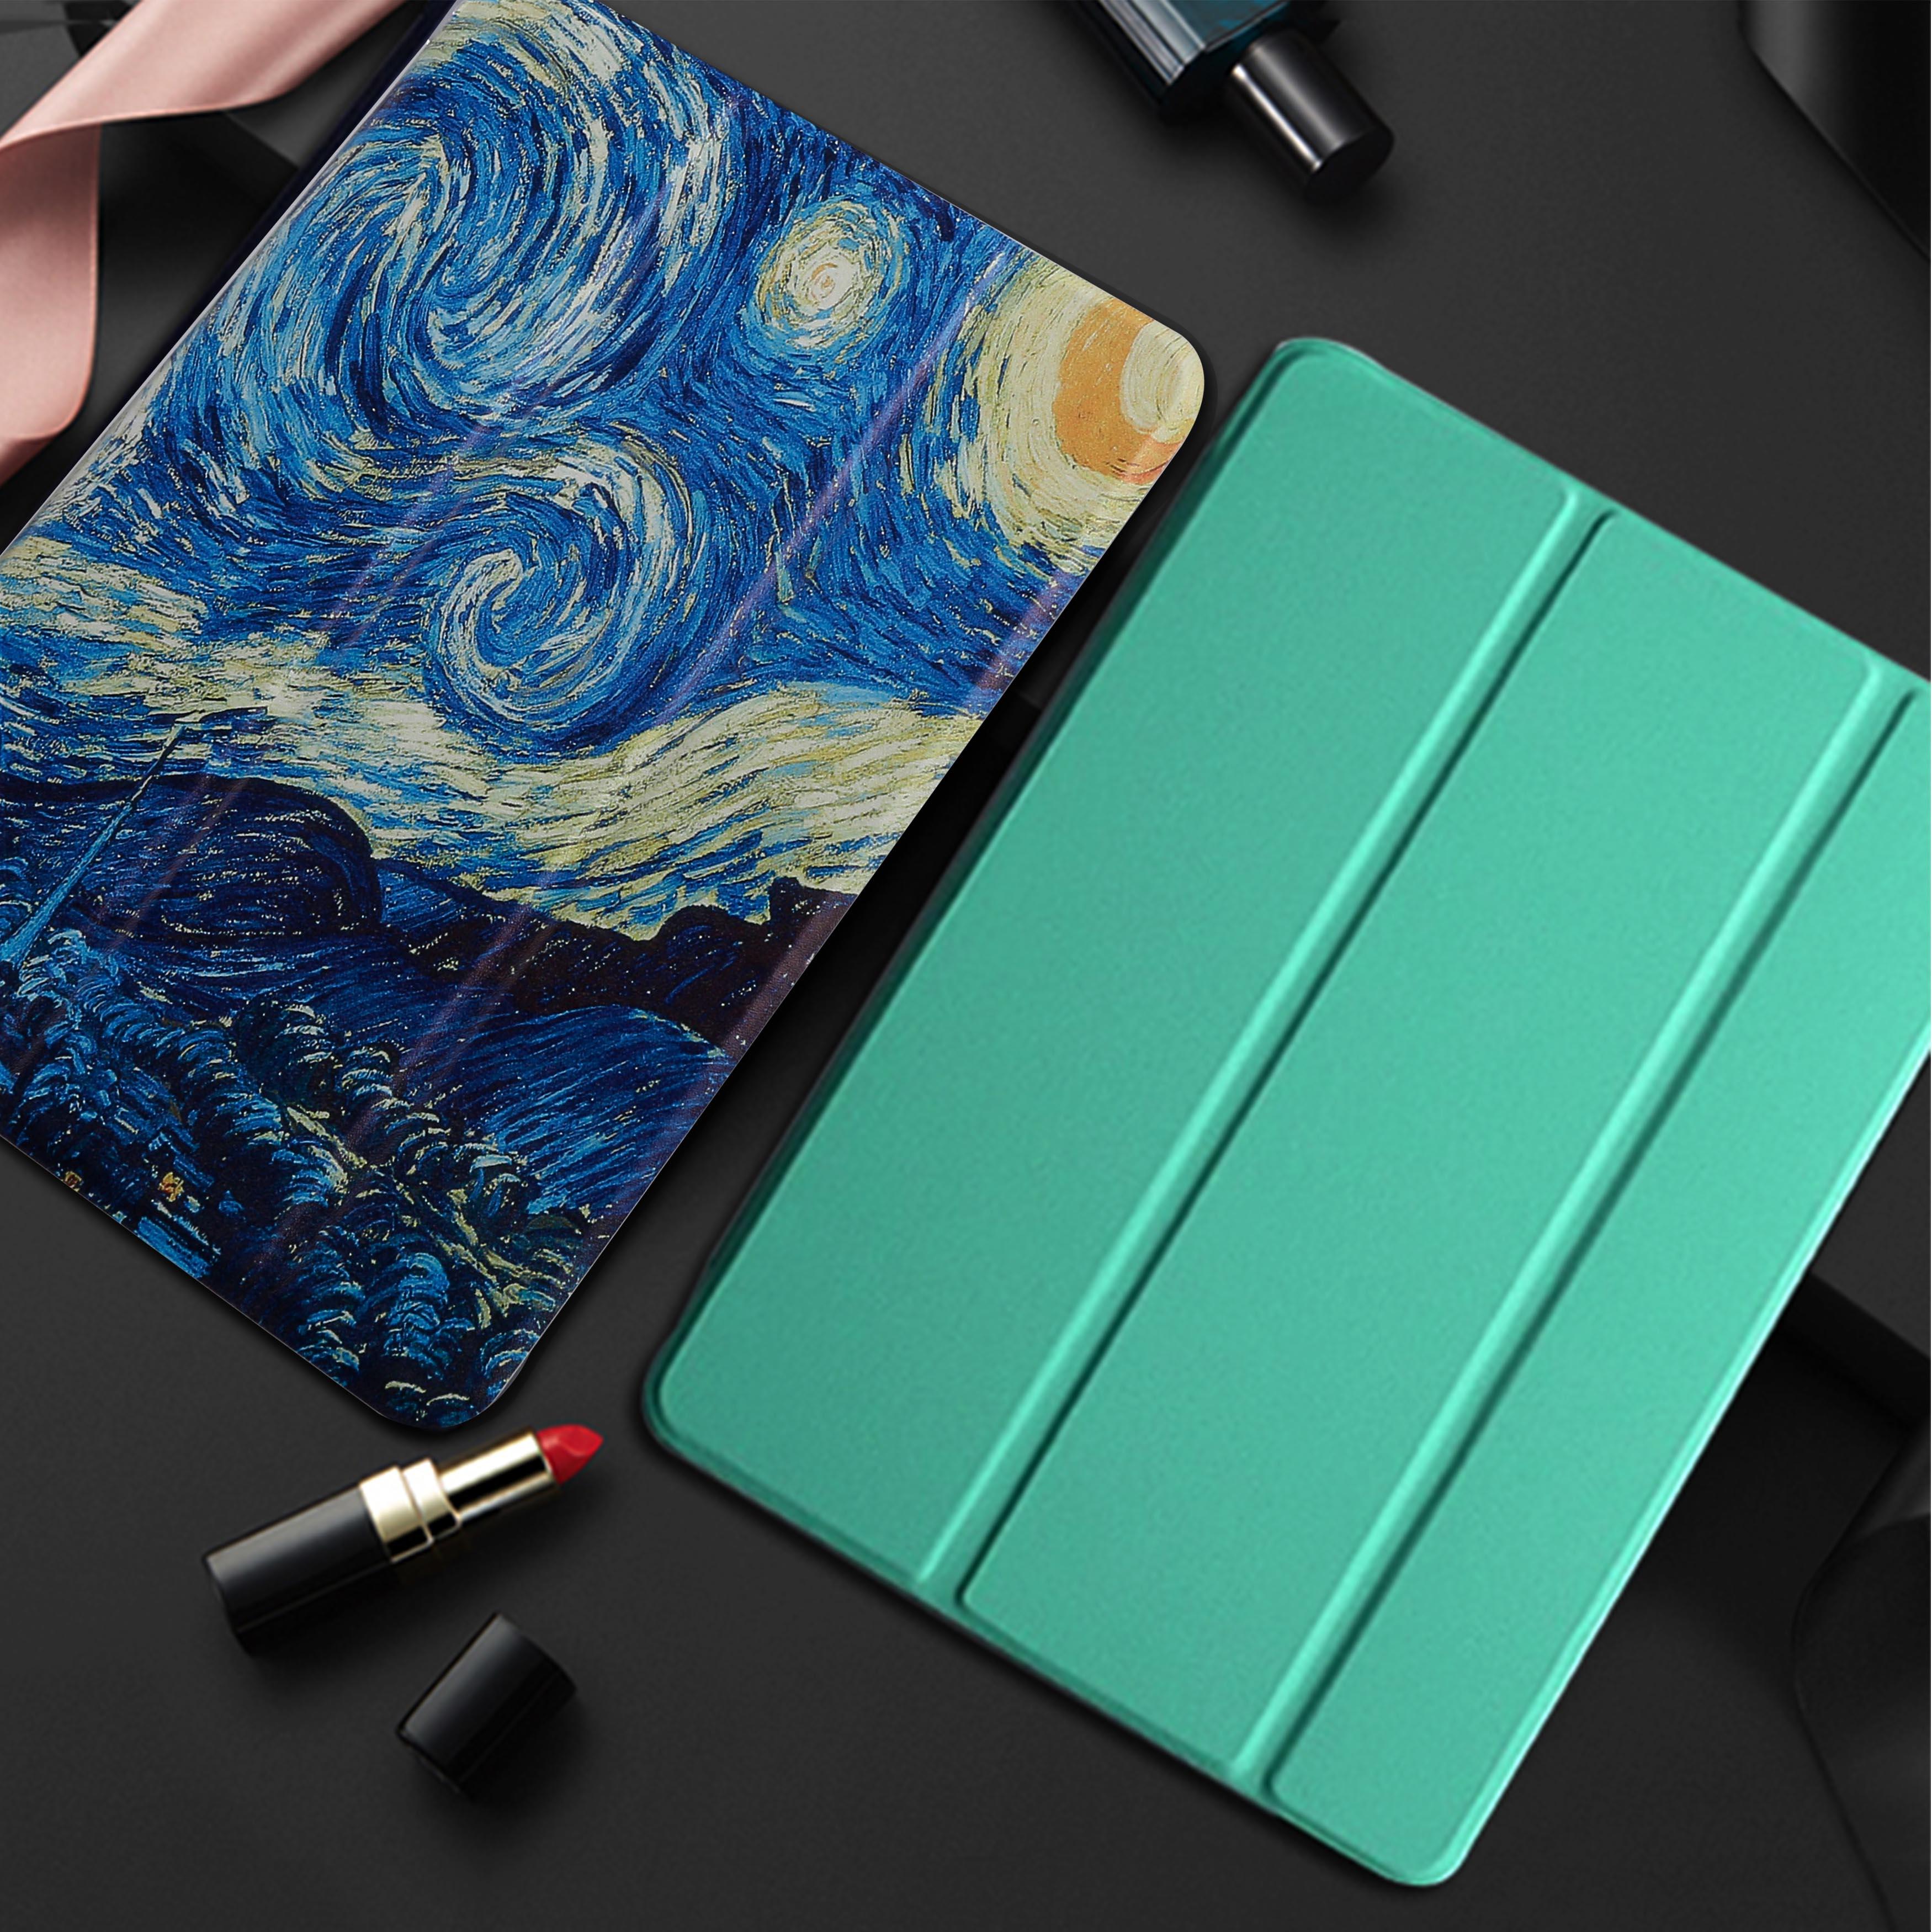 Для iPad 2/3/4 планшетный чехол из искусственной кожи Чехлы с функцией подставки для iPad2 iPad3 iPad4 A1460 A1430 A1396 A1458 состояния заданием будильника смарт-чехол-книжка